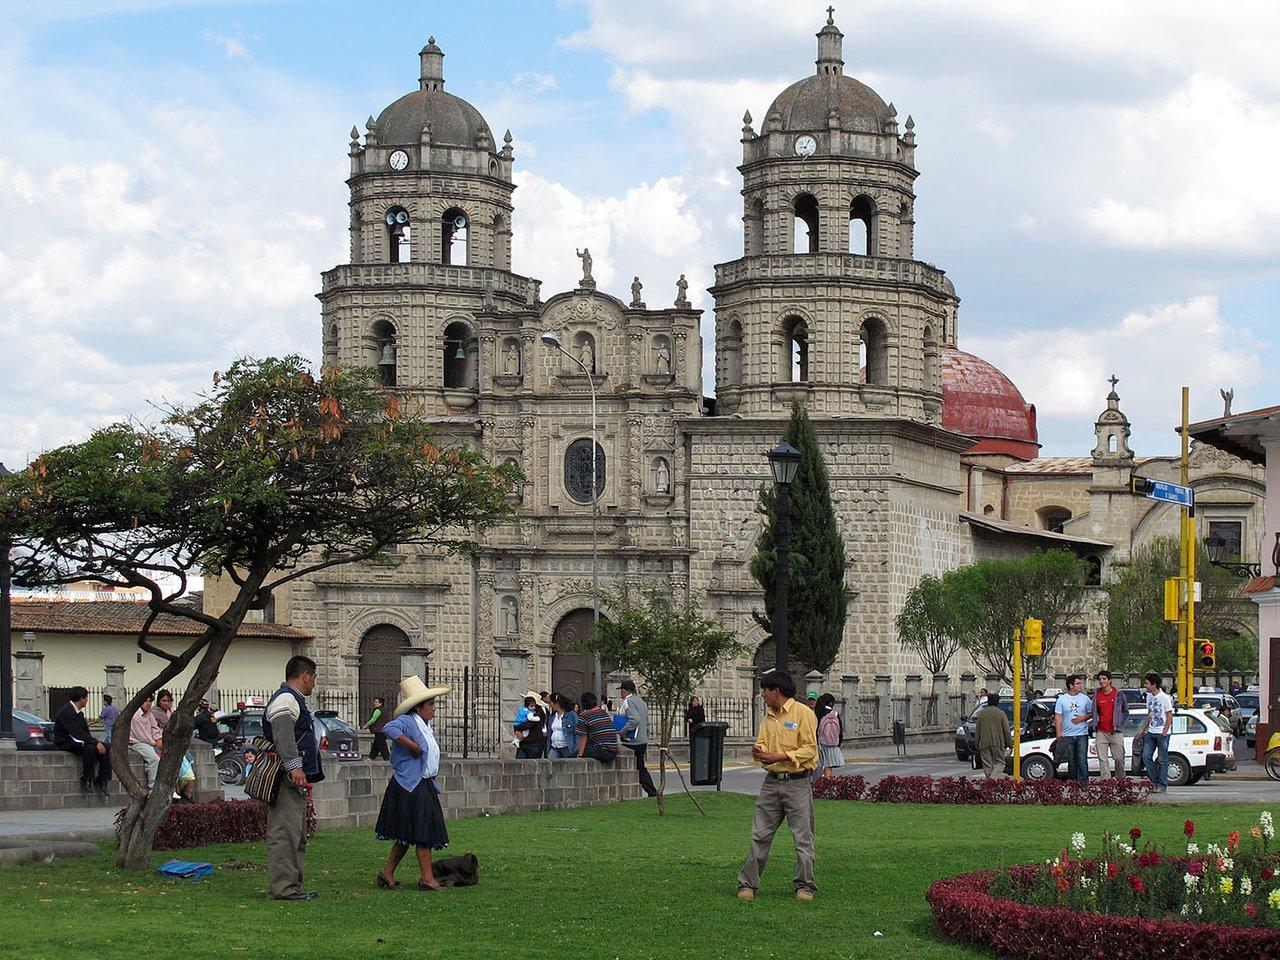 Convento de San Francisco (Cajamarca) - ATUALIZADO 2020 O que saber antes de ir - Sobre o que as pessoas estão falando - Tripadvisor